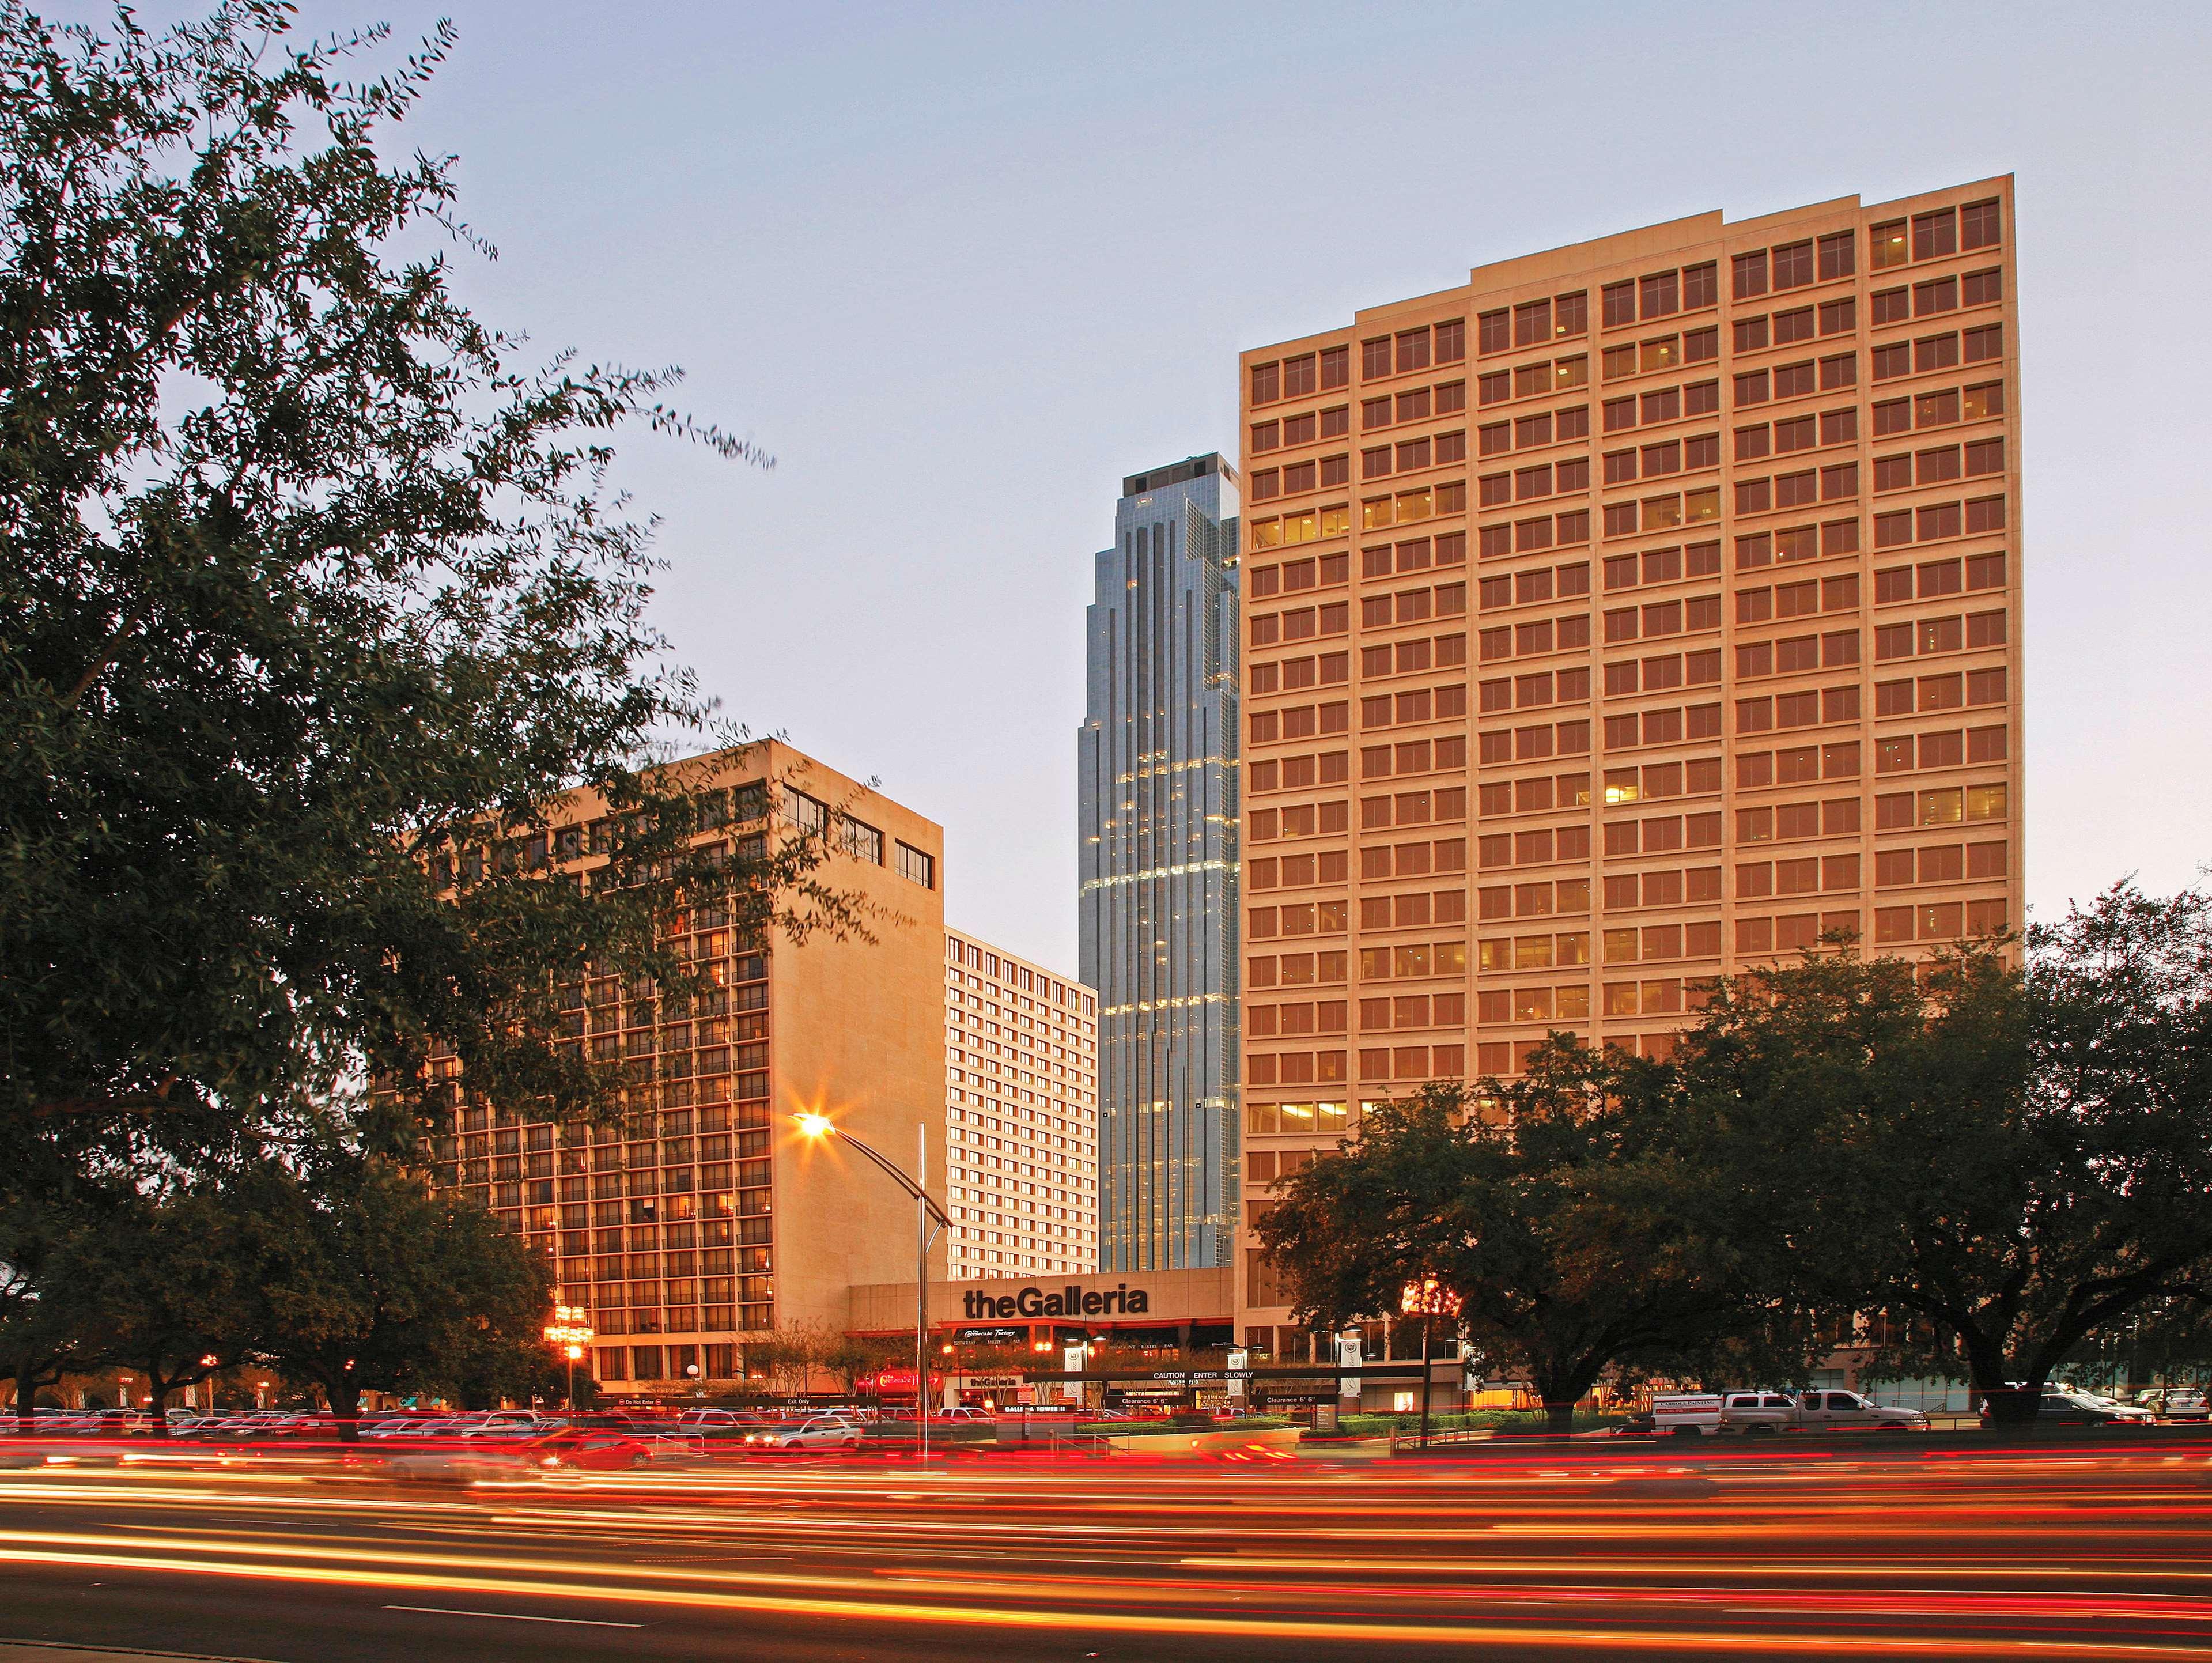 Sheraton Suites Houston Near The Galleria image 20